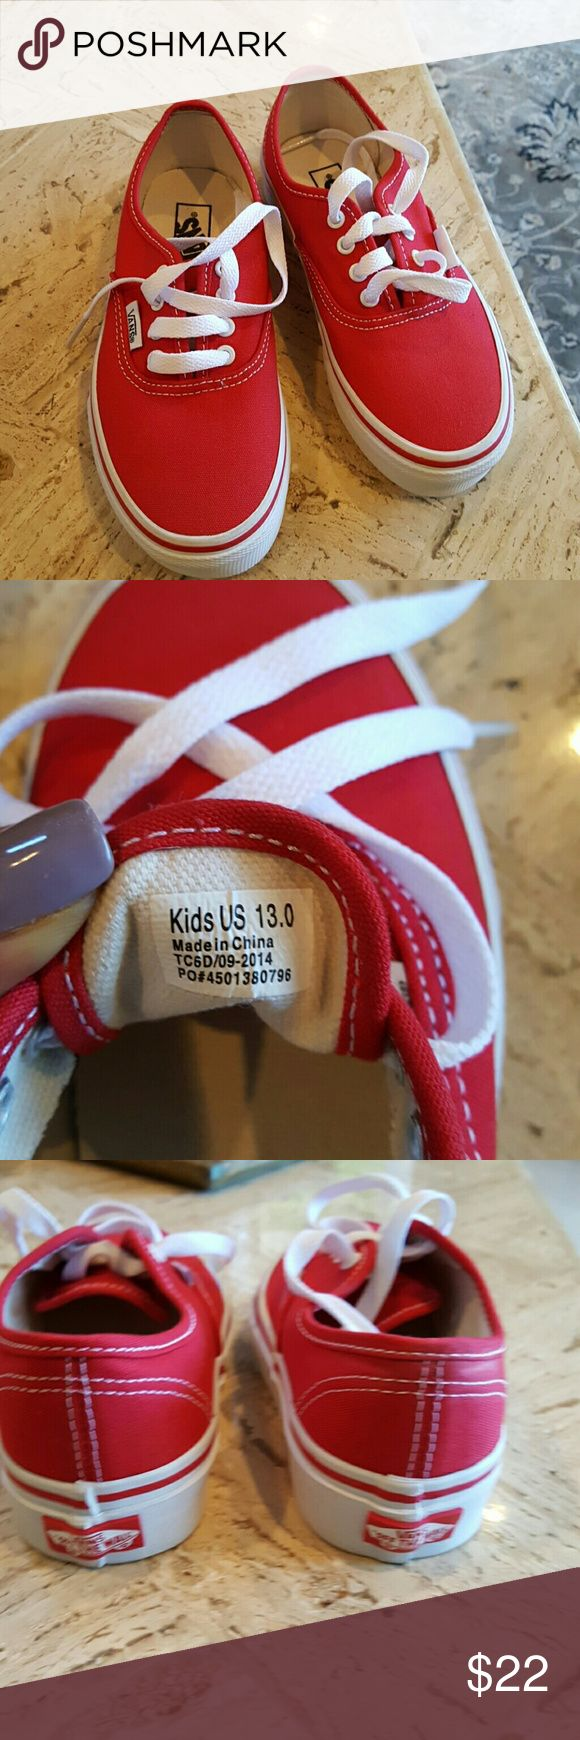 Boys Van's sneakers New Vans Shoes Sneakers